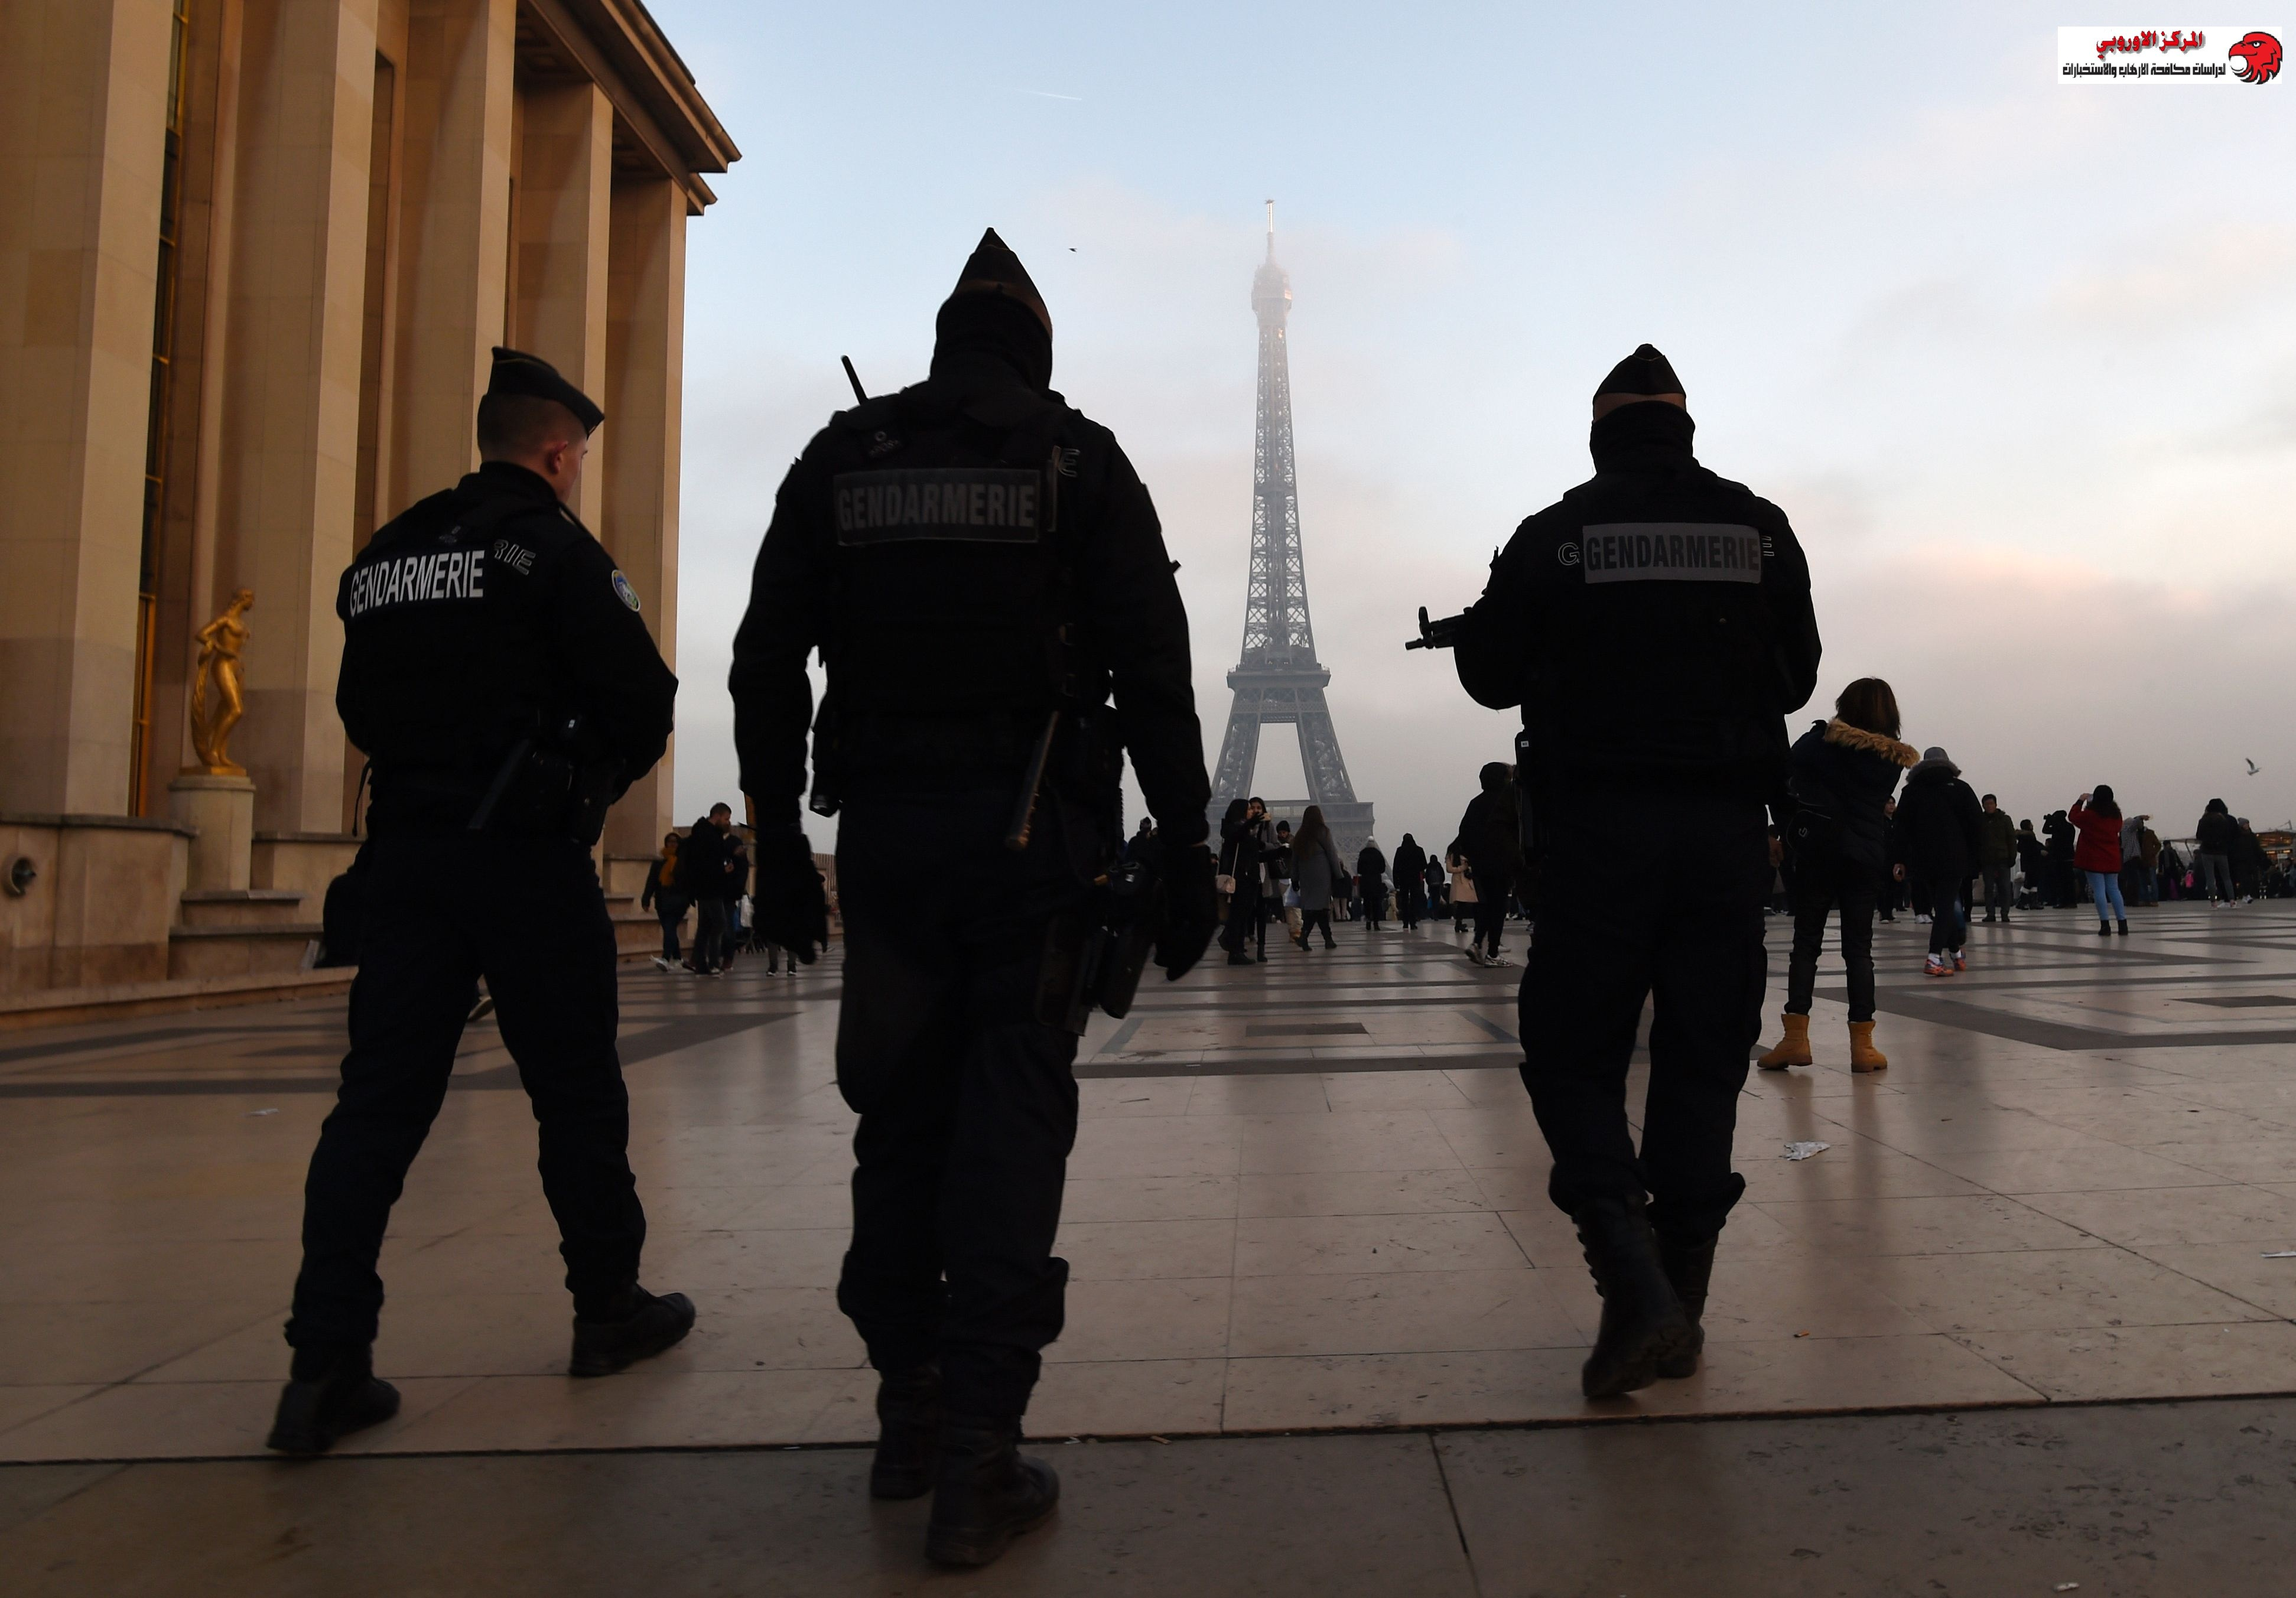 باريس … انطلاق مؤتمرا دوليا لمكافحة تمويل الإرهاب